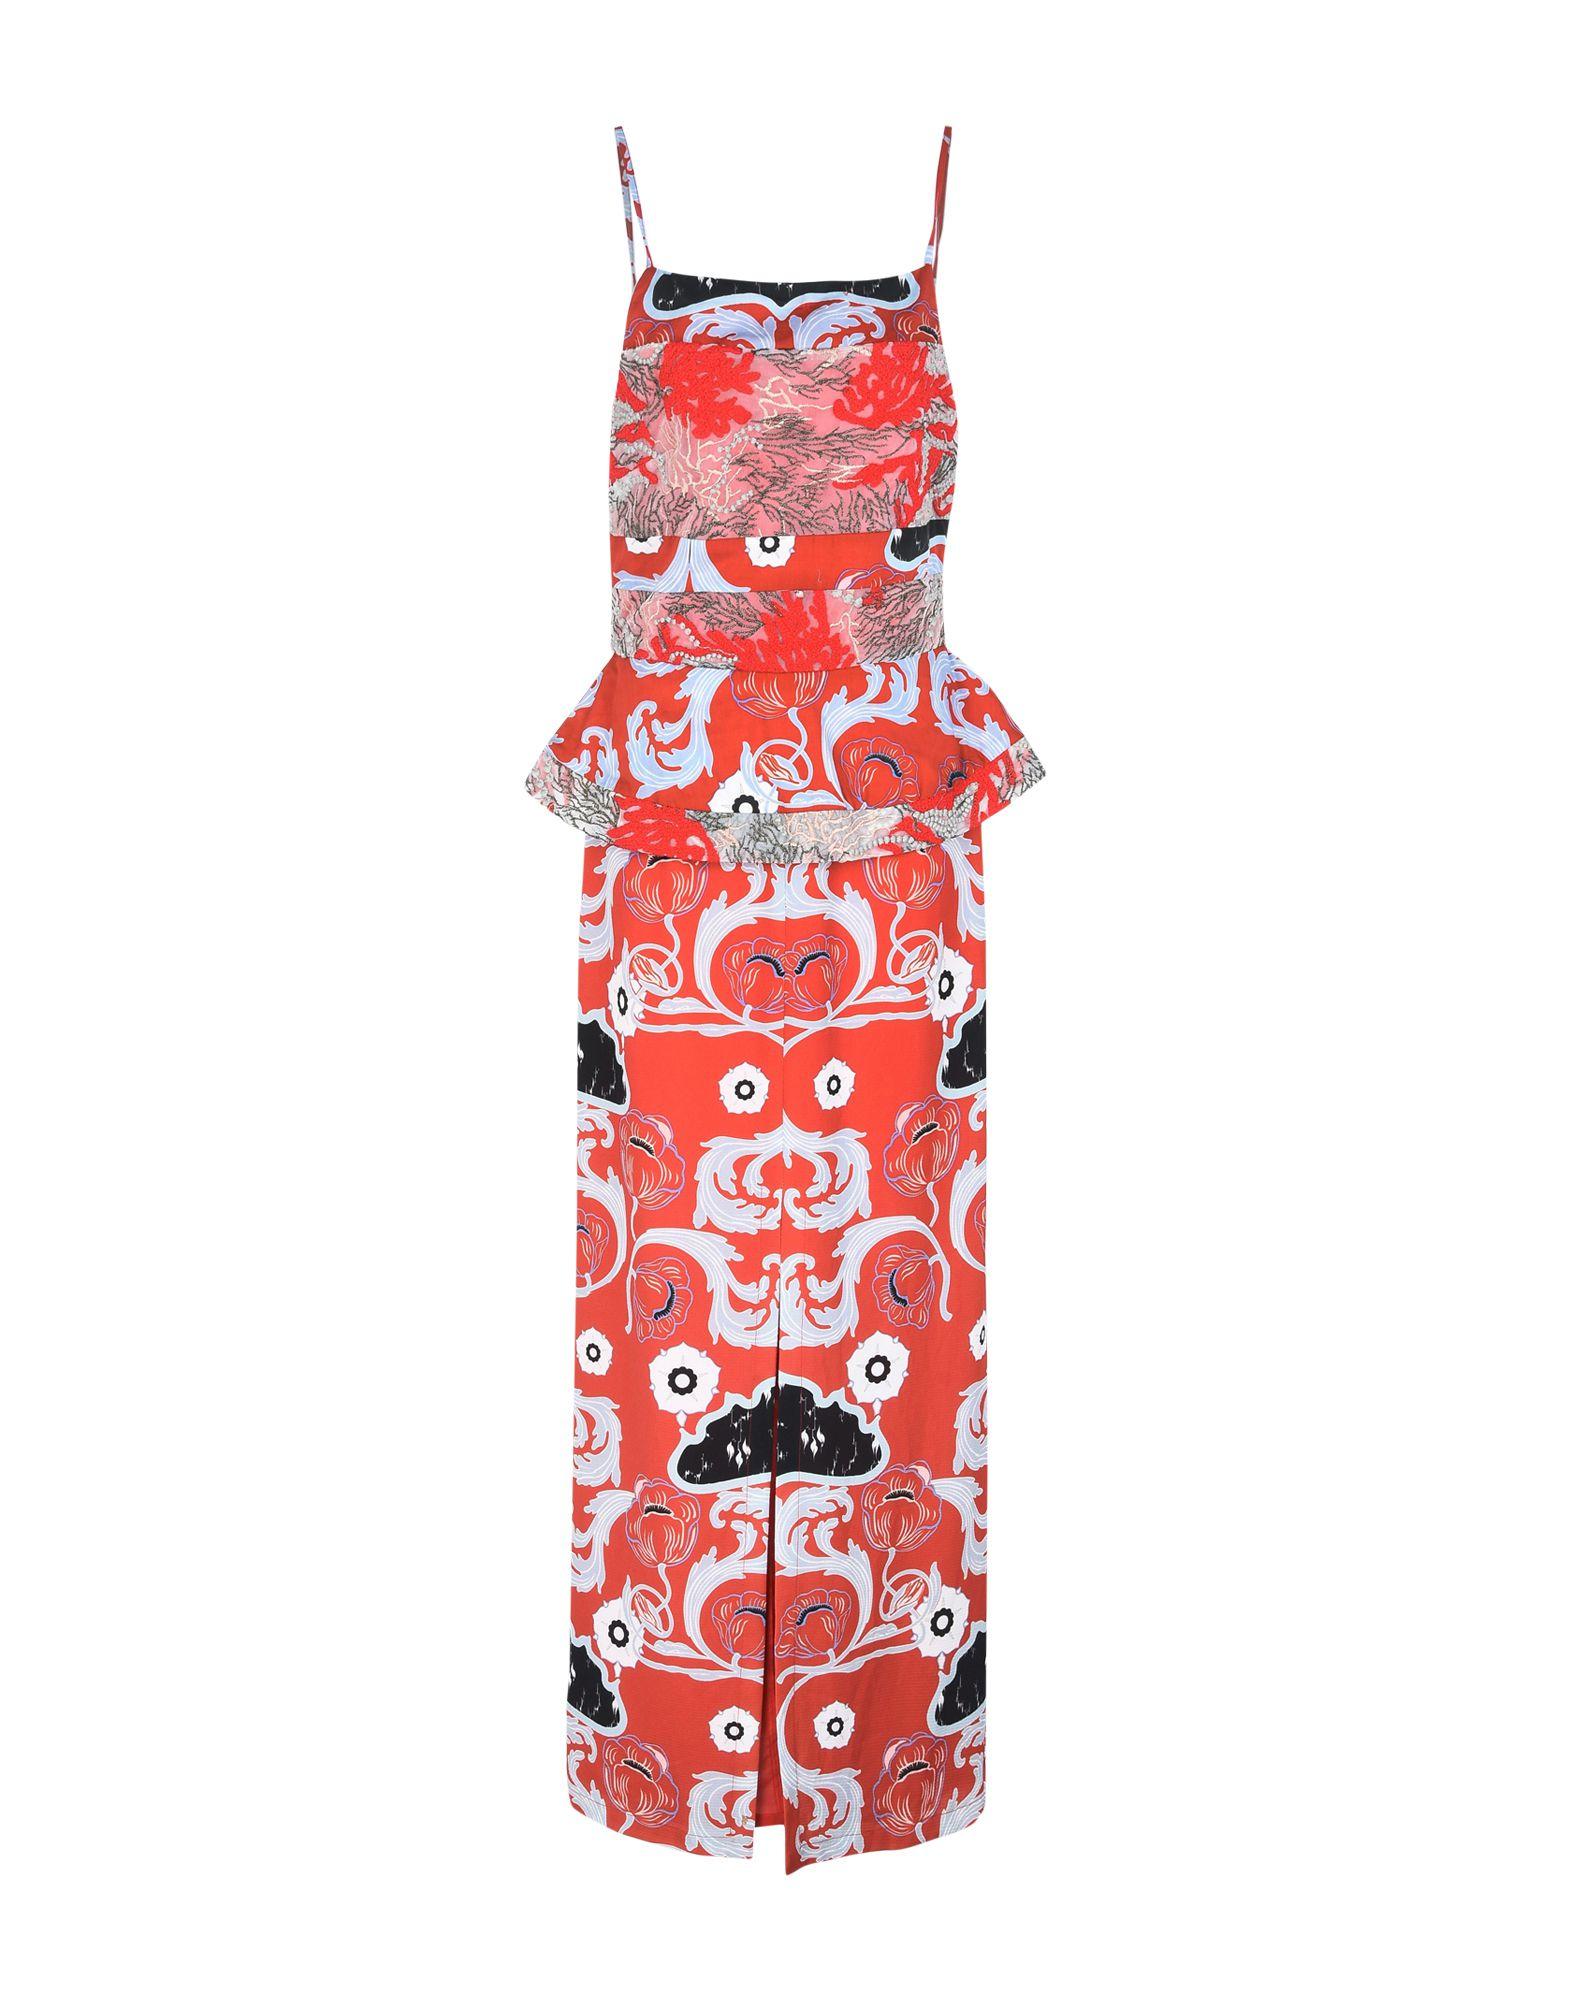 RARY Длинное платье платье длинное с рисунком пейсли